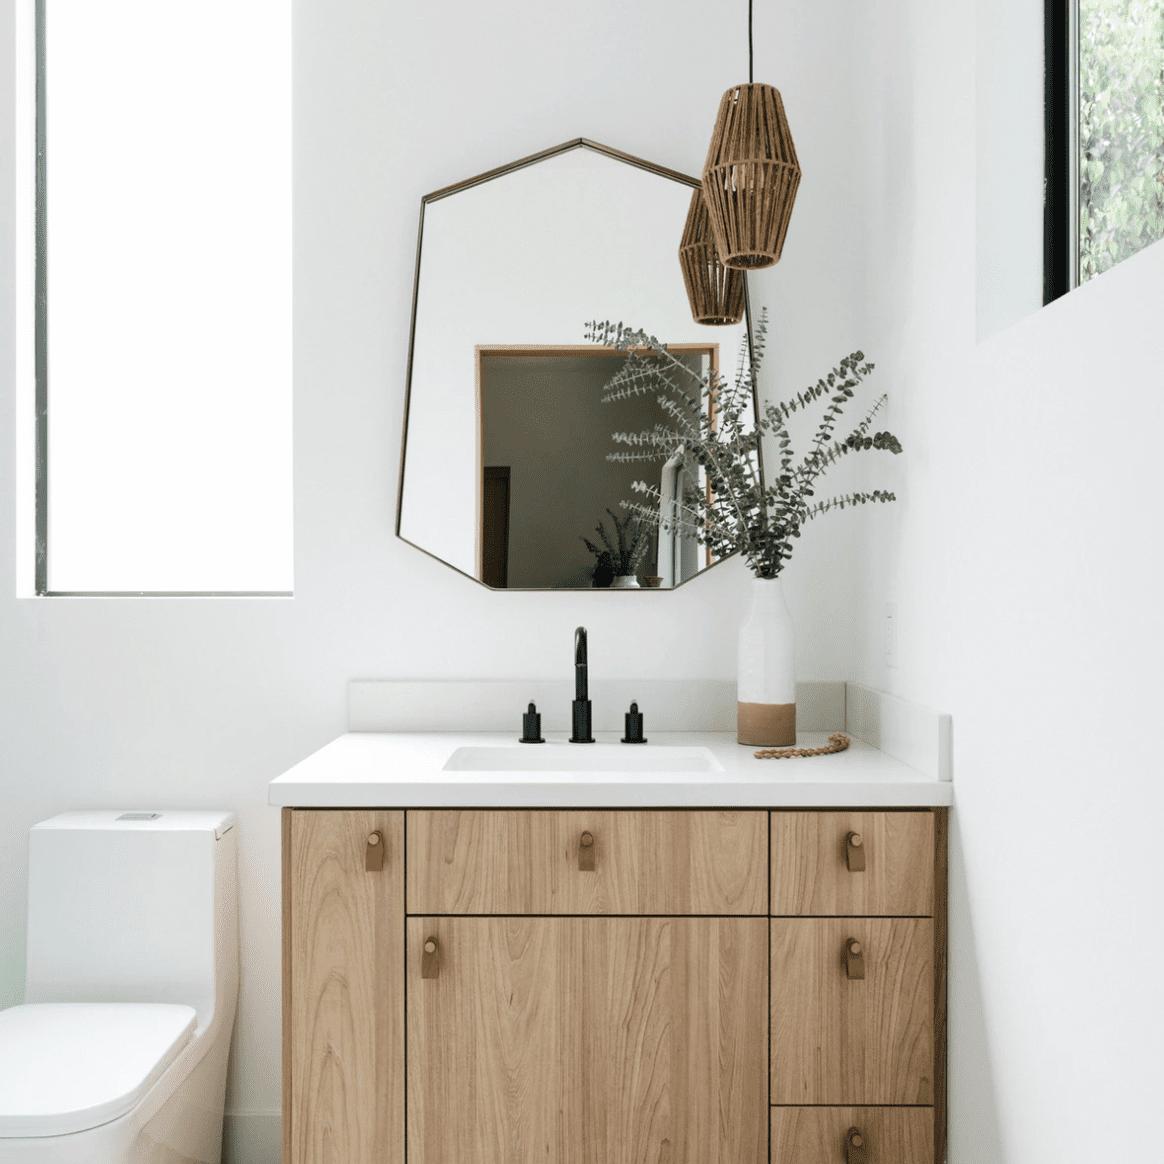 how to clean a mirror - clean geometric mirror in modern bathroom